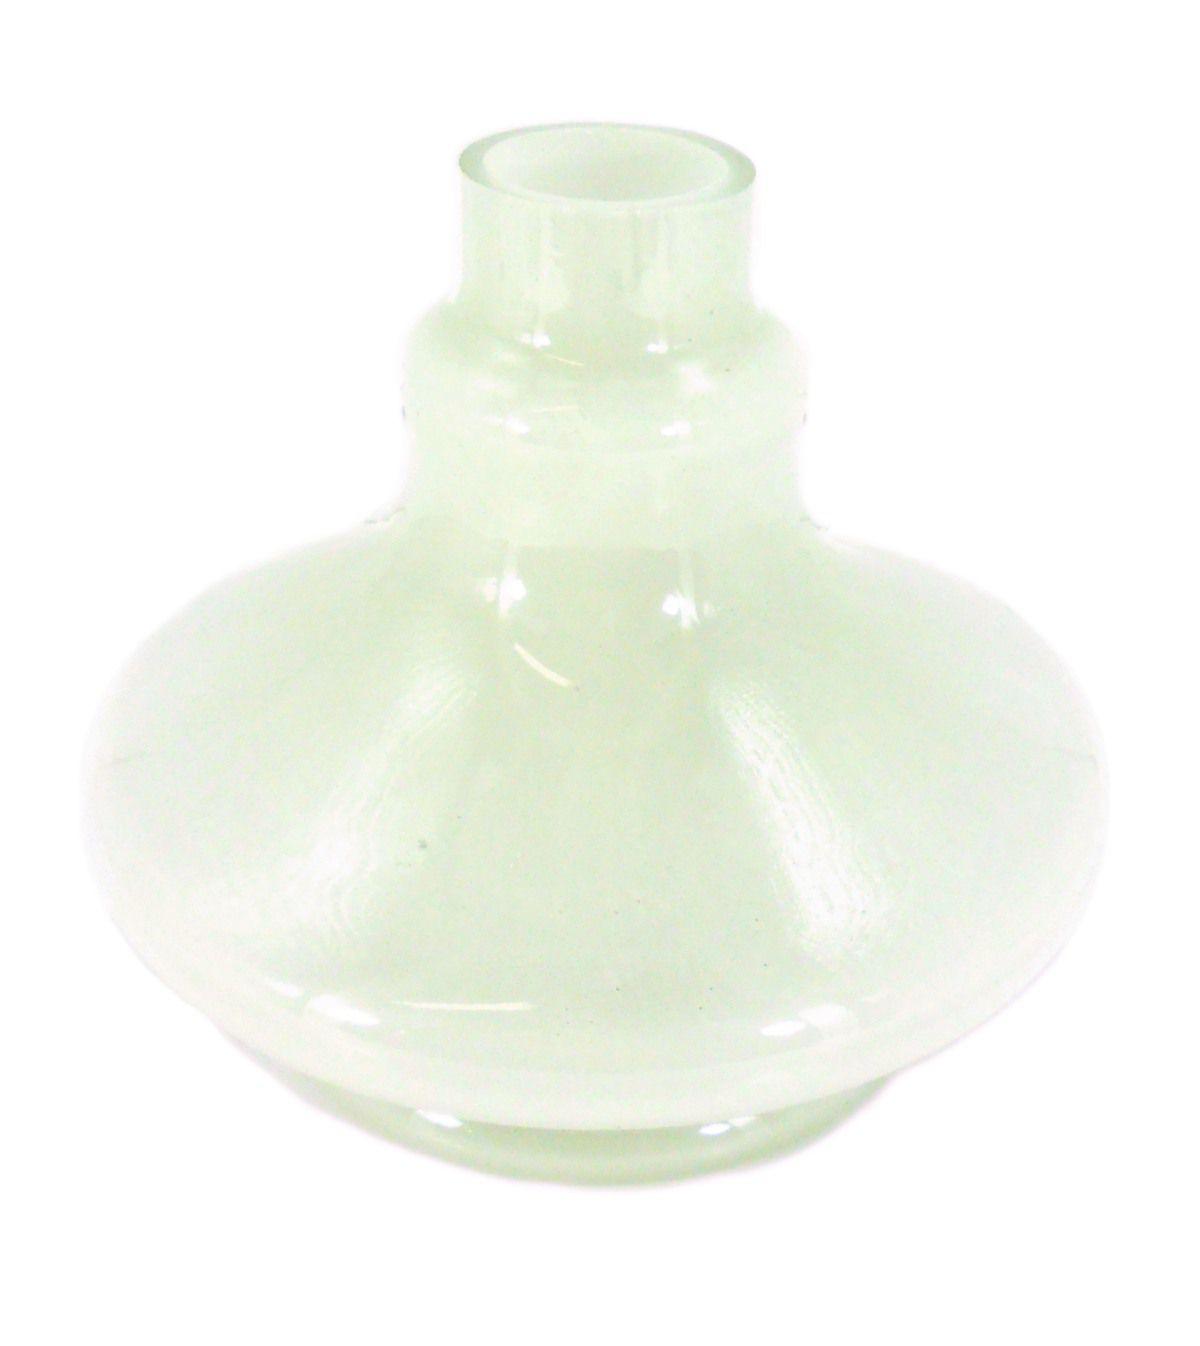 Vaso/base para narguile REI DO NARGUILE, formato ALADIN (14cm alt.). 3,9cm diâmetro bocal.